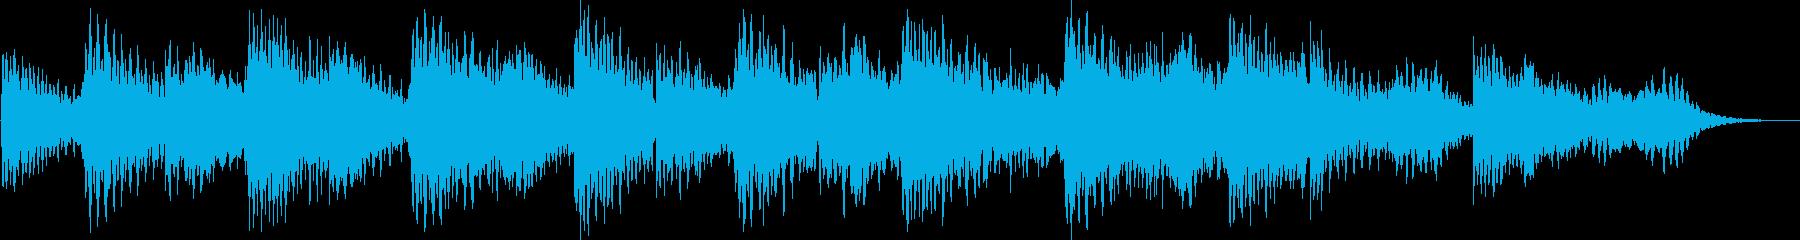 穏やかで優しいパッド系の環境音楽の再生済みの波形